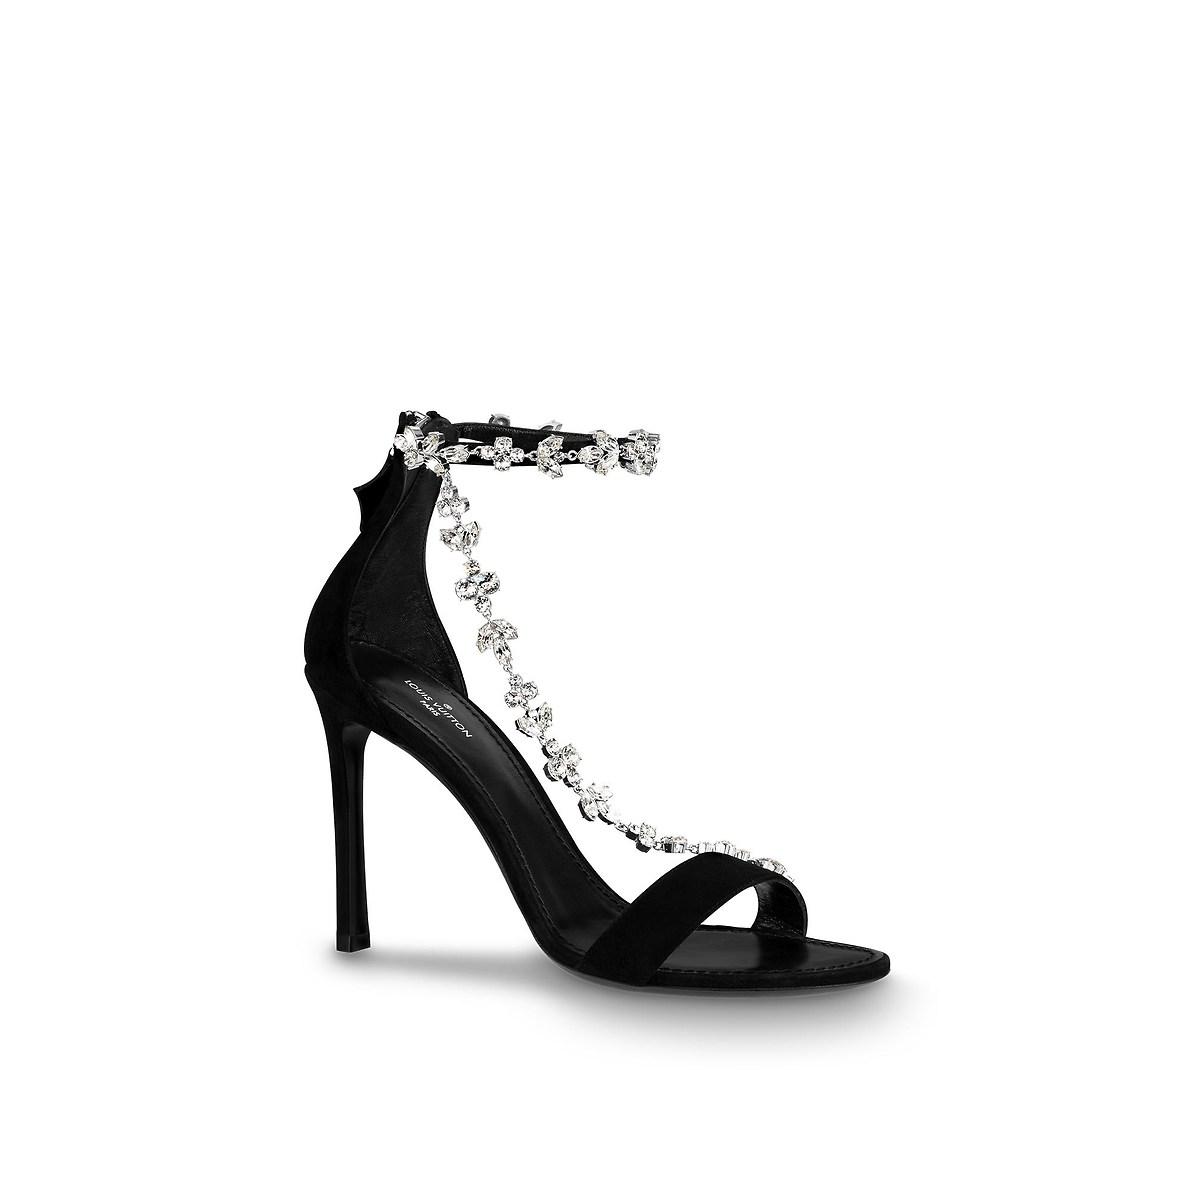 Sandali gioiello Louis Vuitton autunno inverno 2018 2019